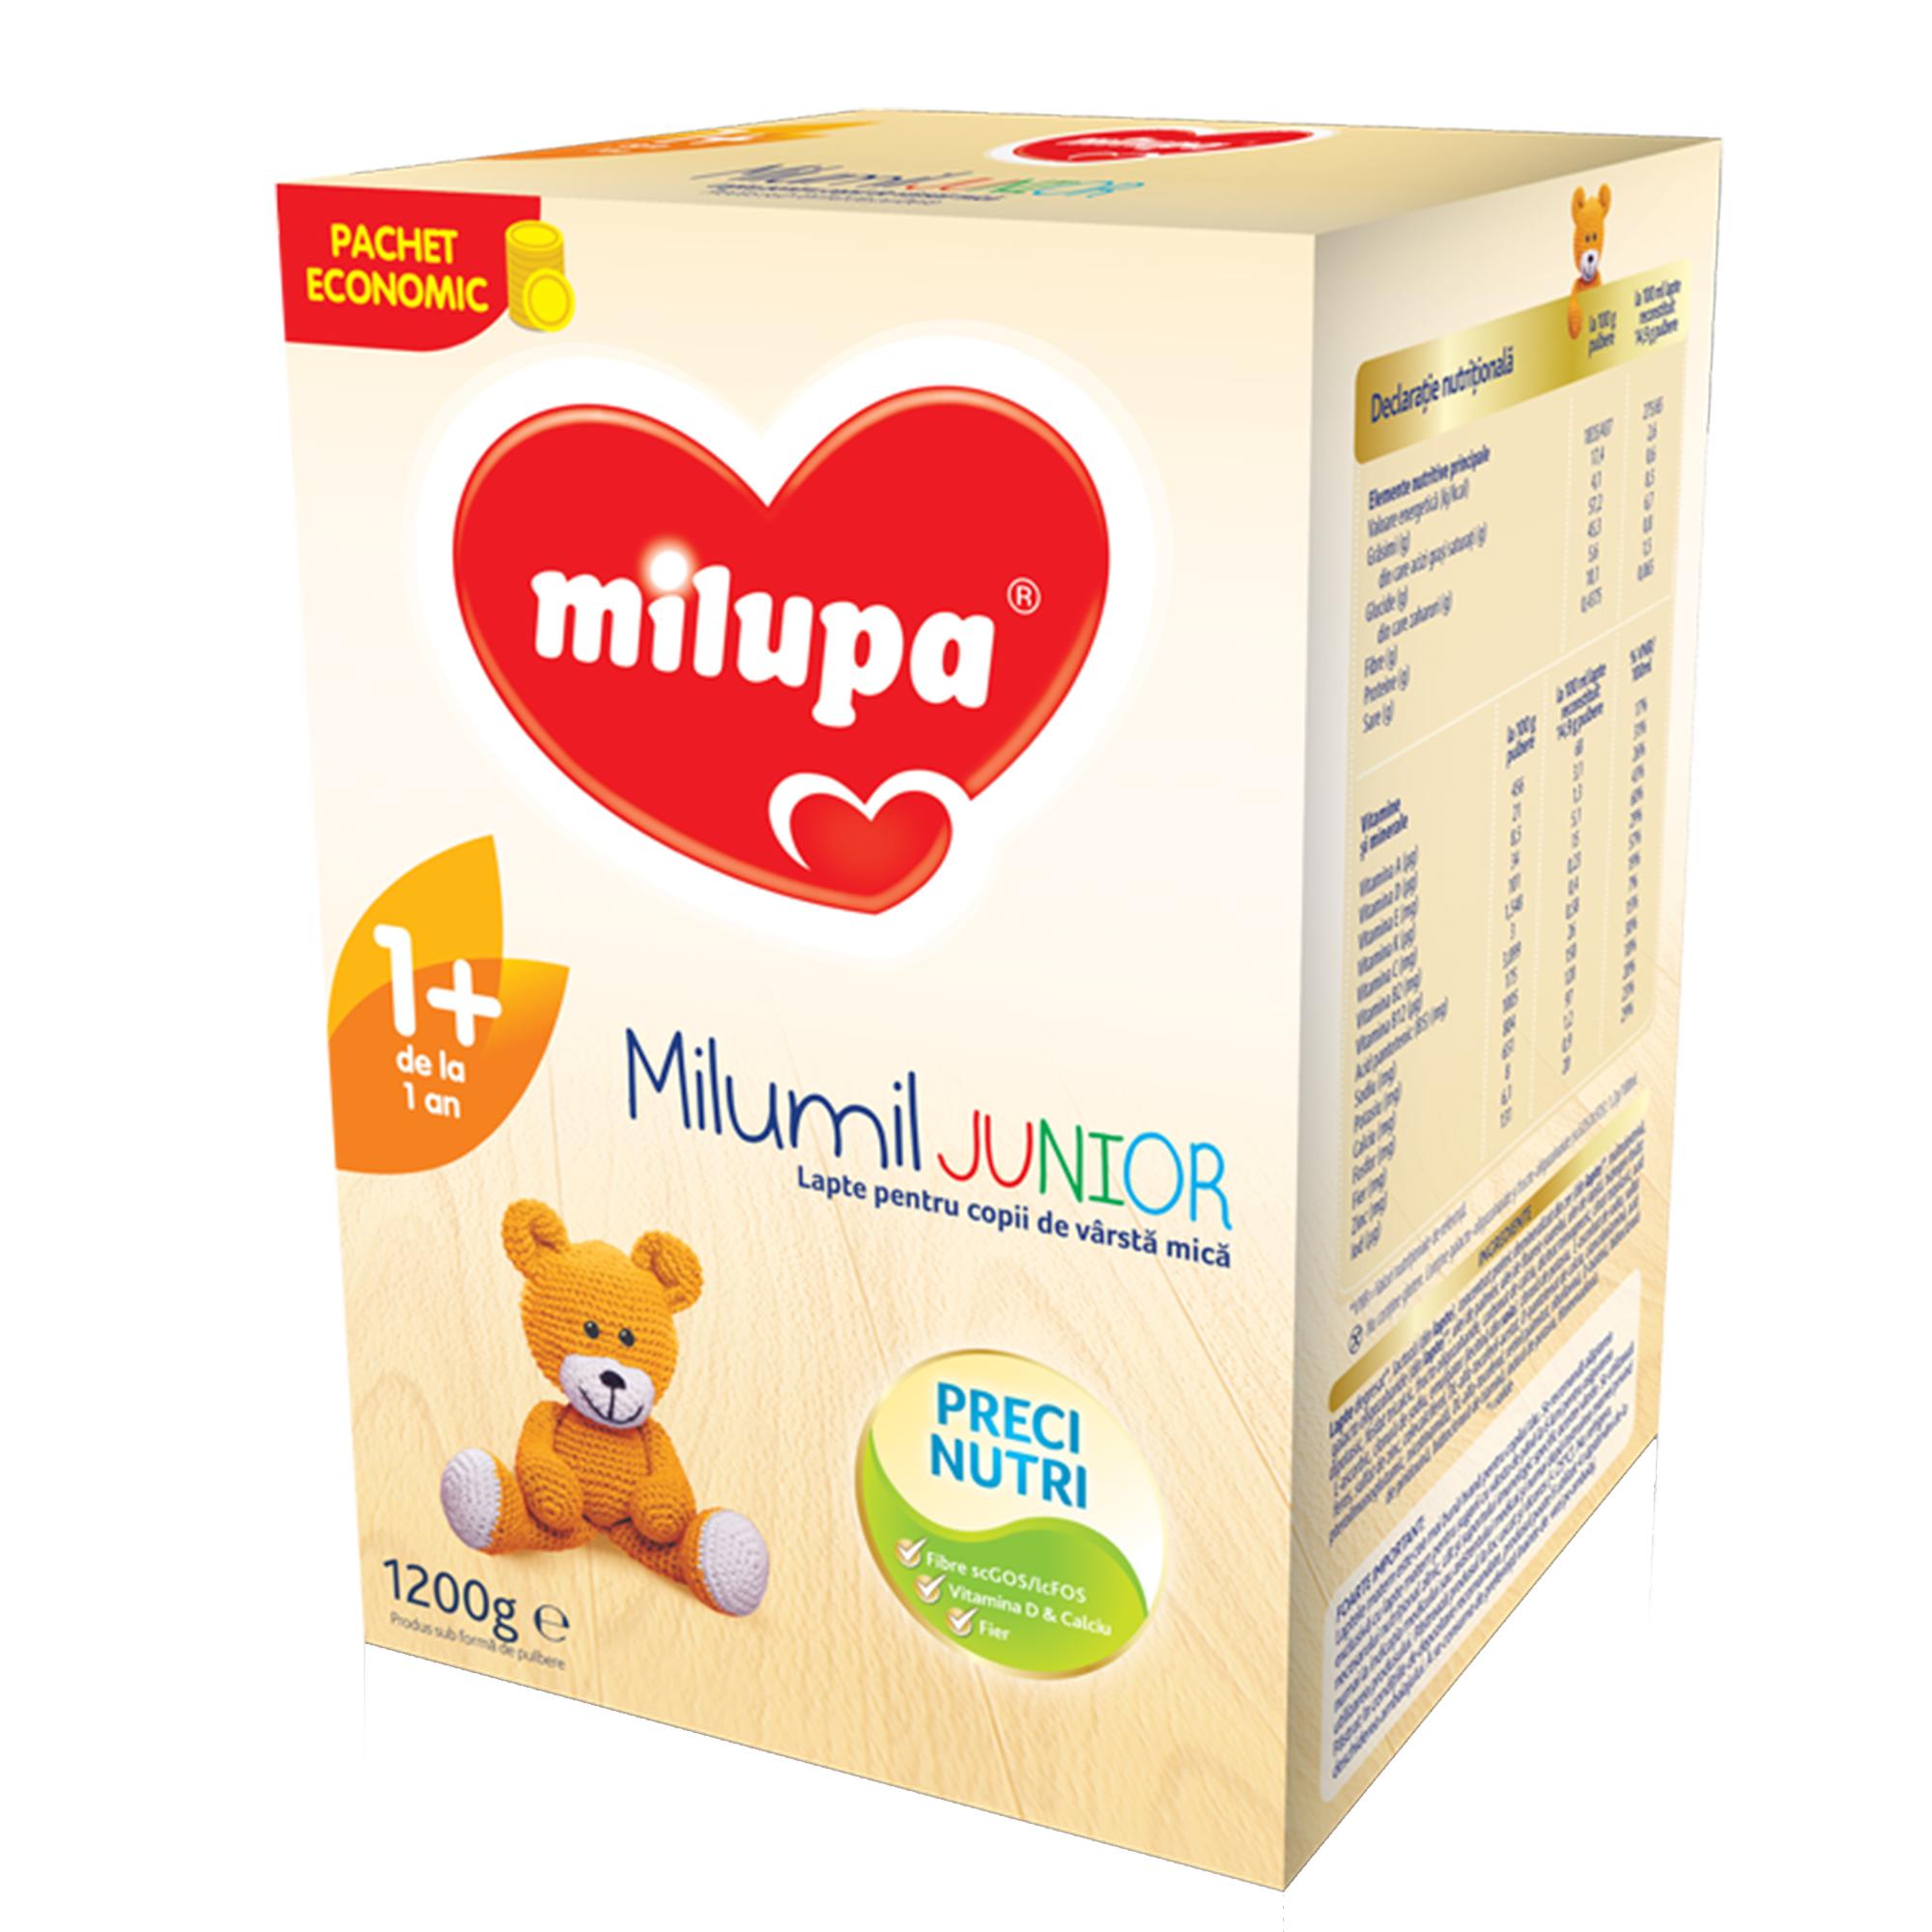 Lapte praf Milupa Milumil Junior 1+, 1200g, 12luni+